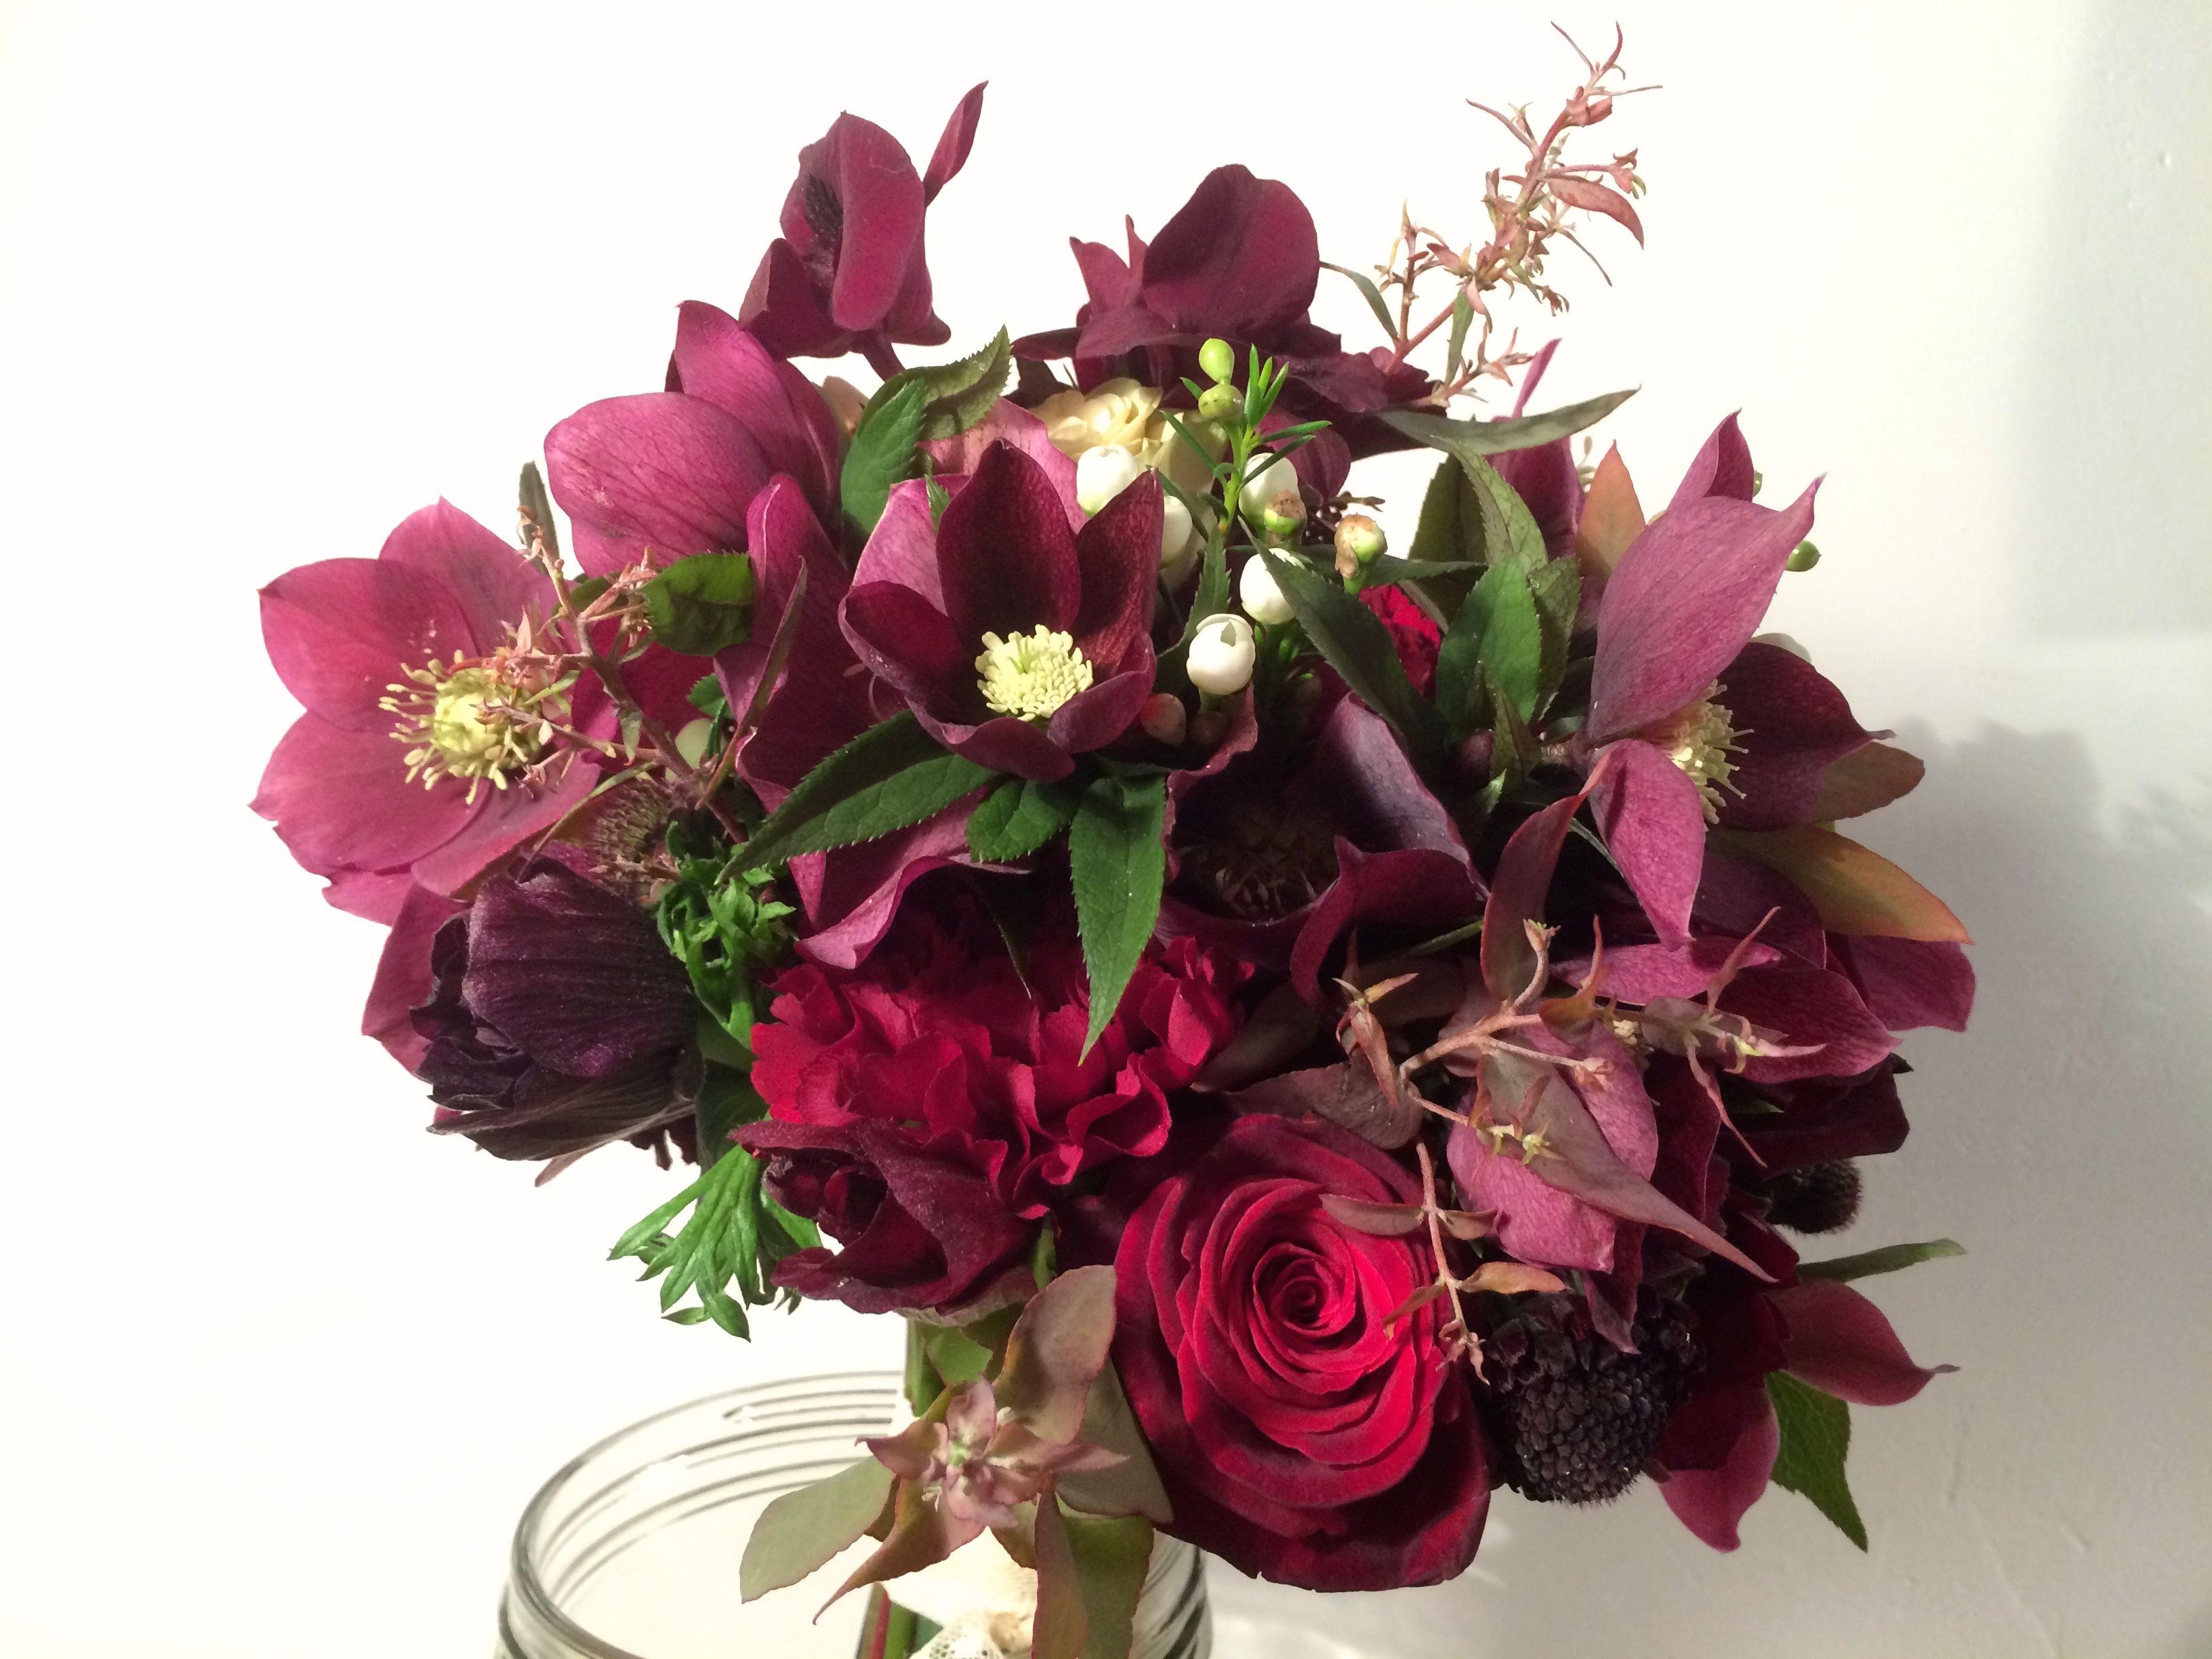 #bridalbouquet  #bouquetmariée #hellebore #pourpre www.madame-artisanfleuriste.com